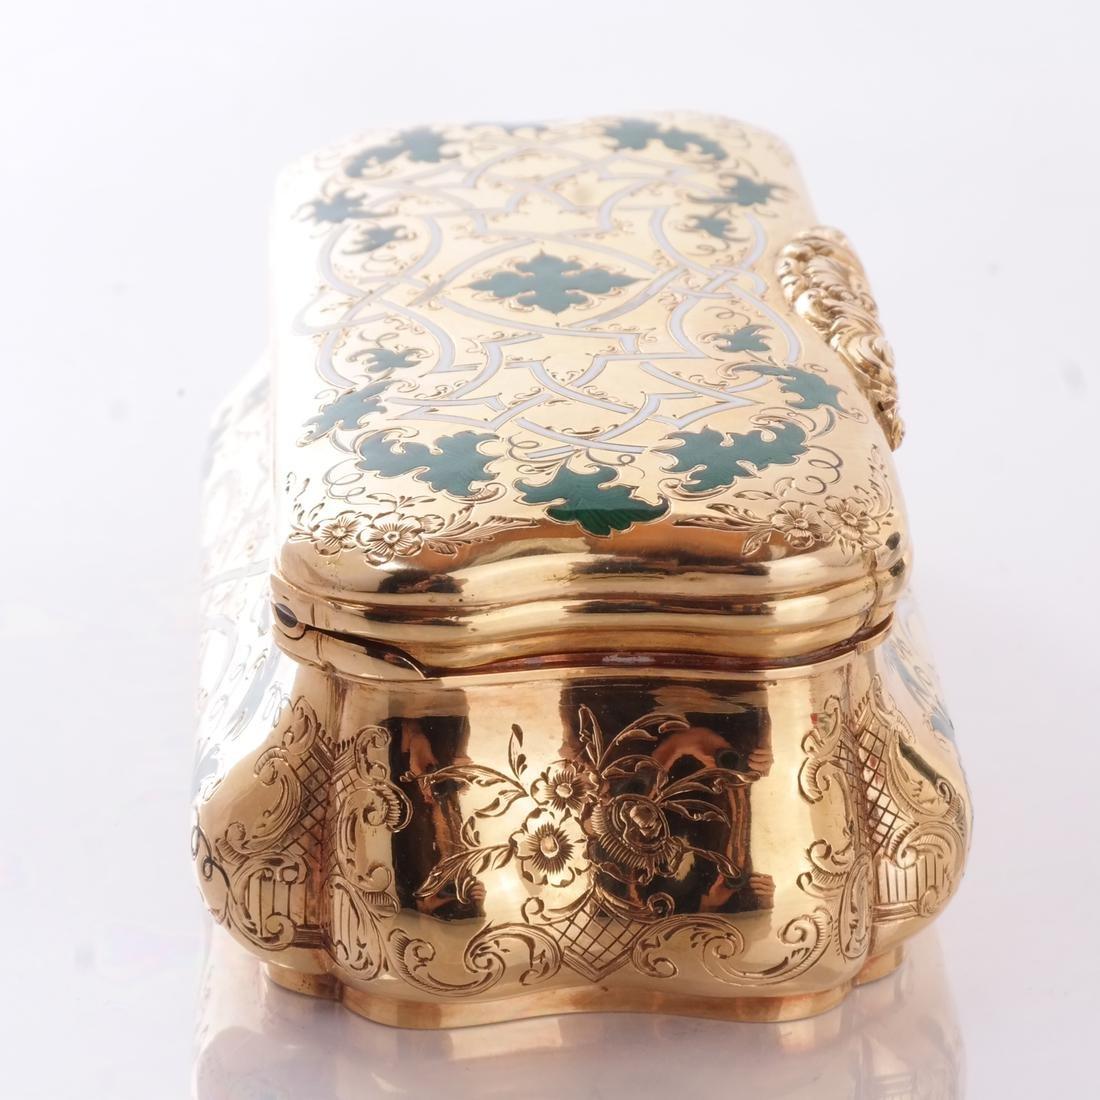 14k Yellow Gold & Enamel Box - 3